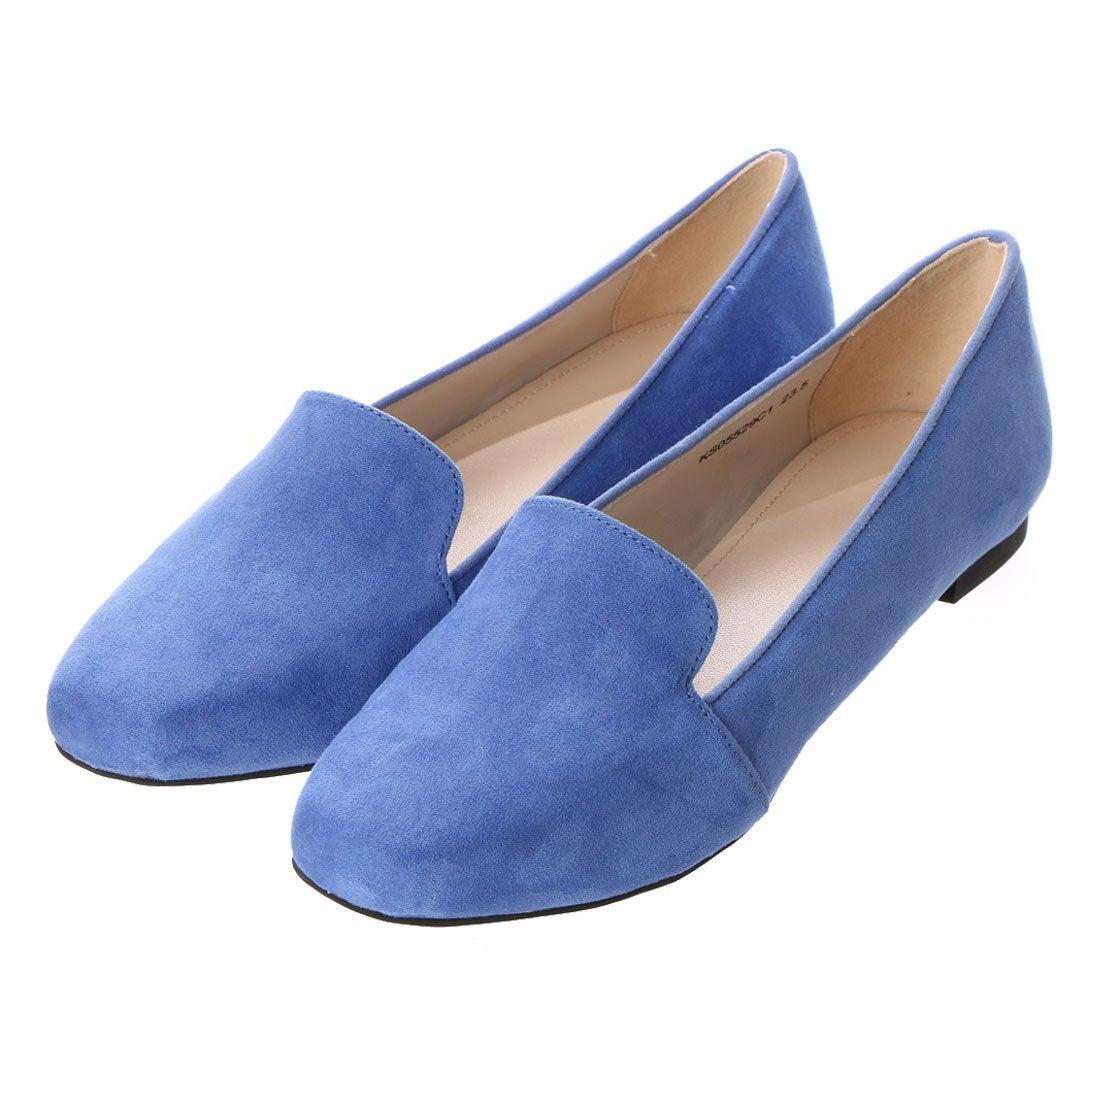 【SALE 50%OFF】ランダ RANDA 【ストレスフリー】オペラフラットシューズ (BLUE) レディース